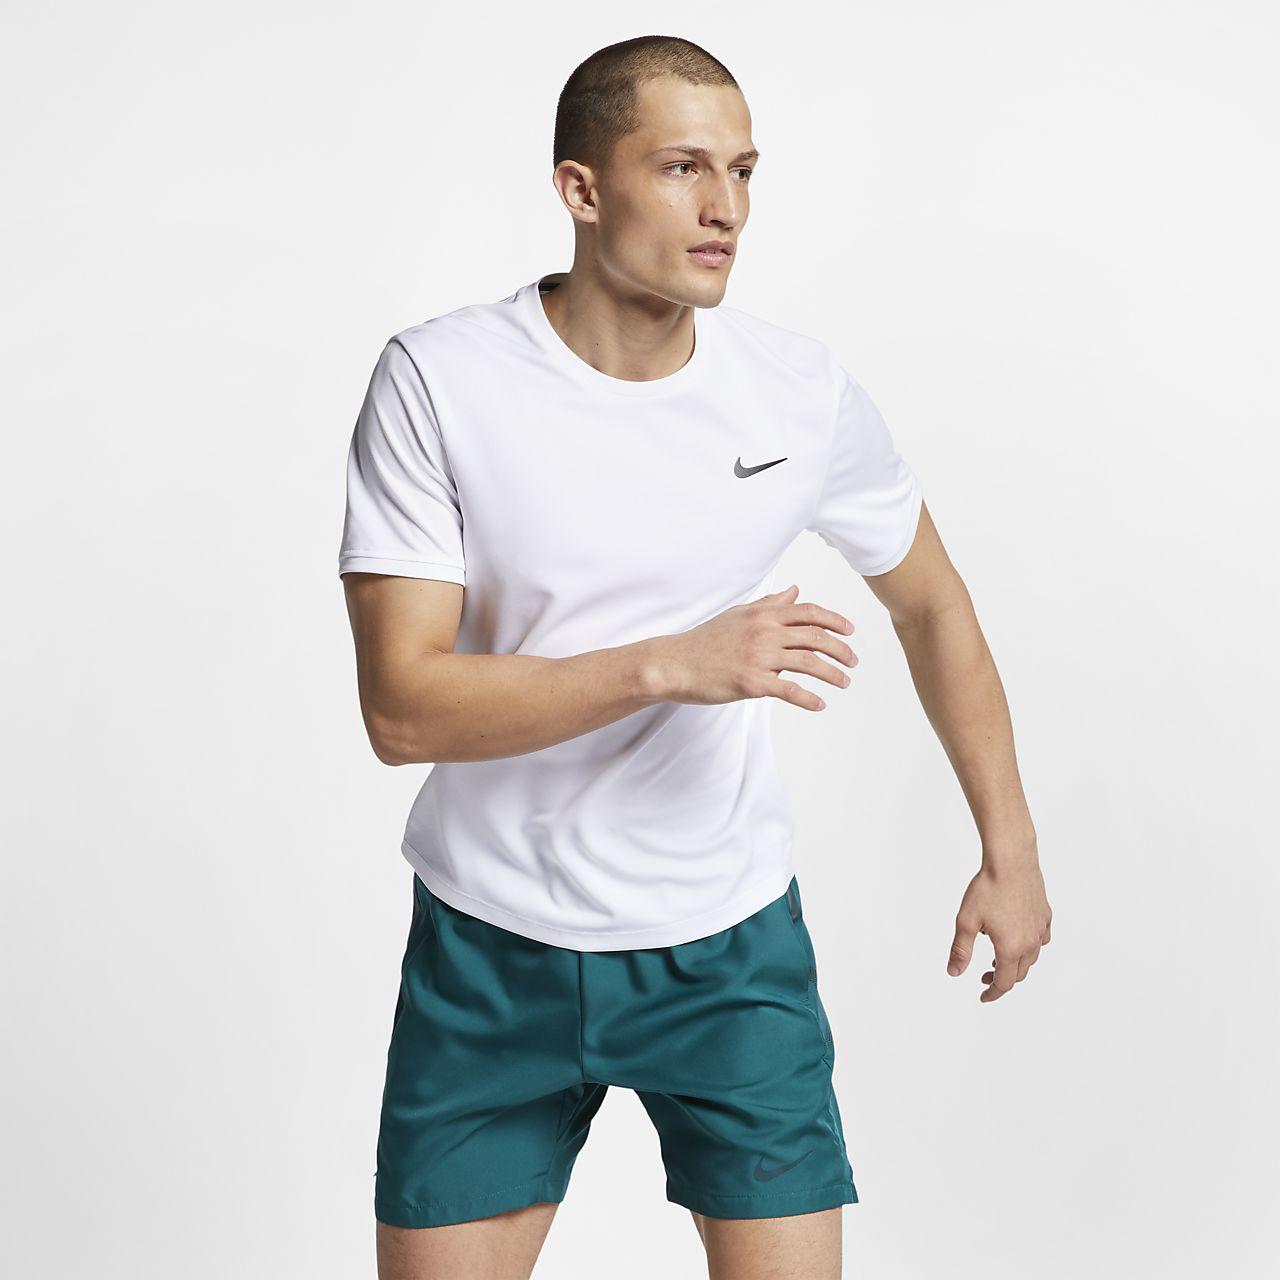 Camisola de ténis de manga curta NikeCourt Dri-FIT para homem